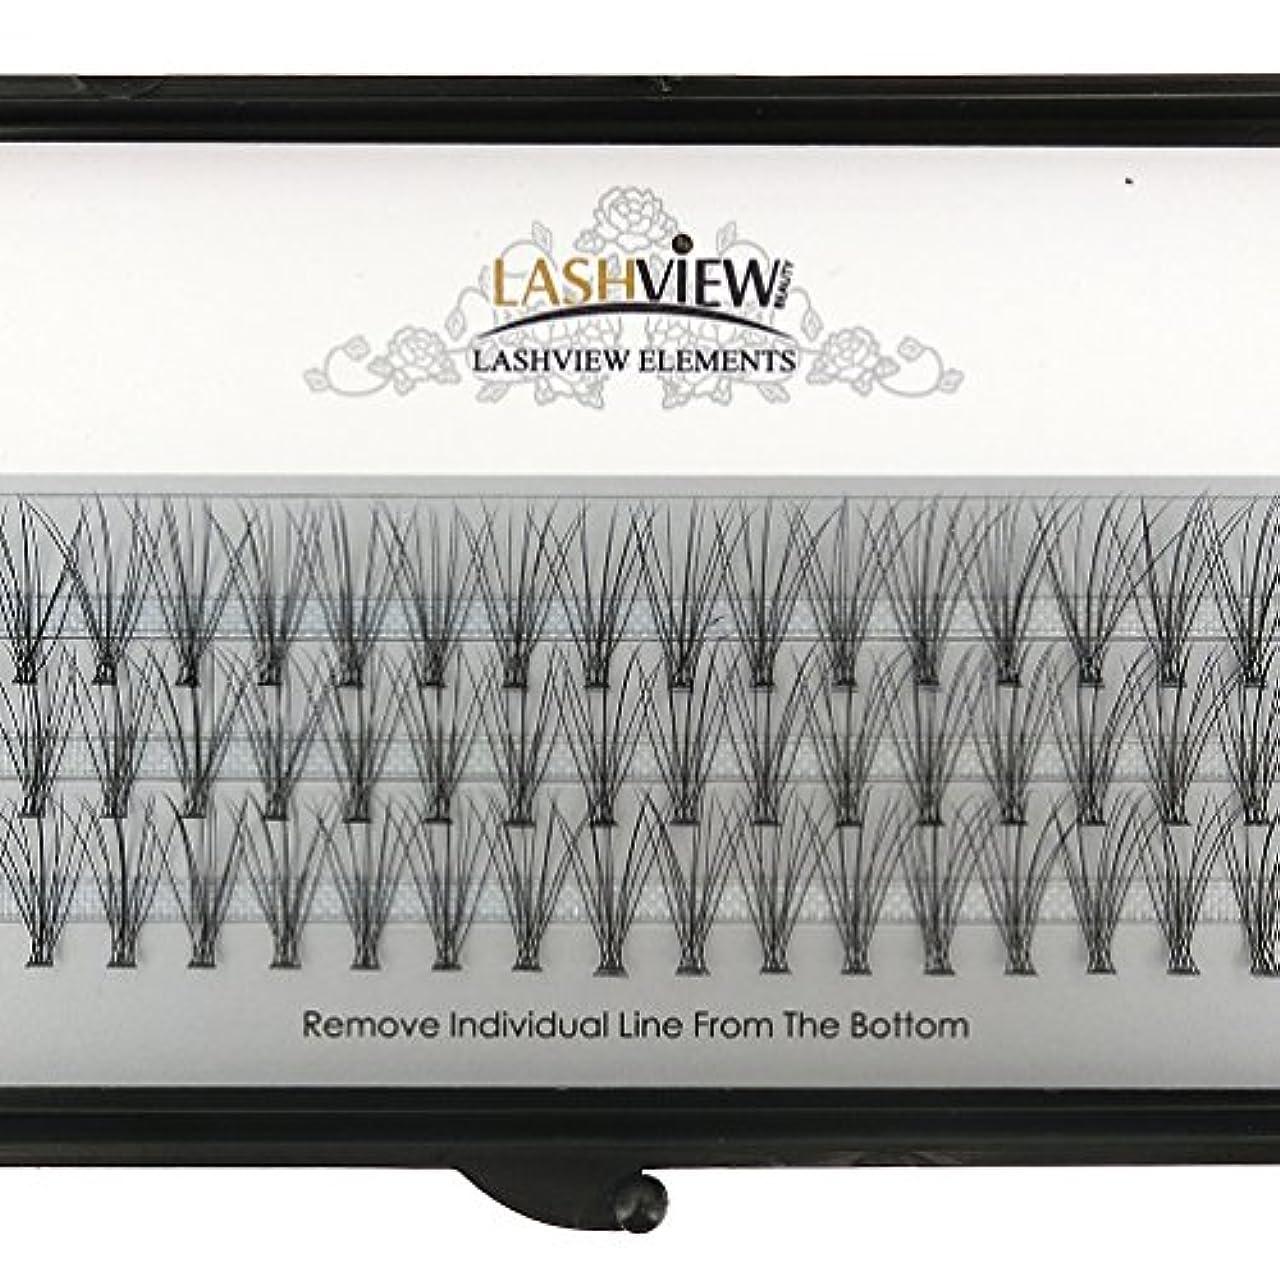 健康的友情にもかかわらずLASHVIEW 高品質まつげエクステフレア セルフ用 超極細素材 太さ0.07mm 12mm Cカール マツエク10本束